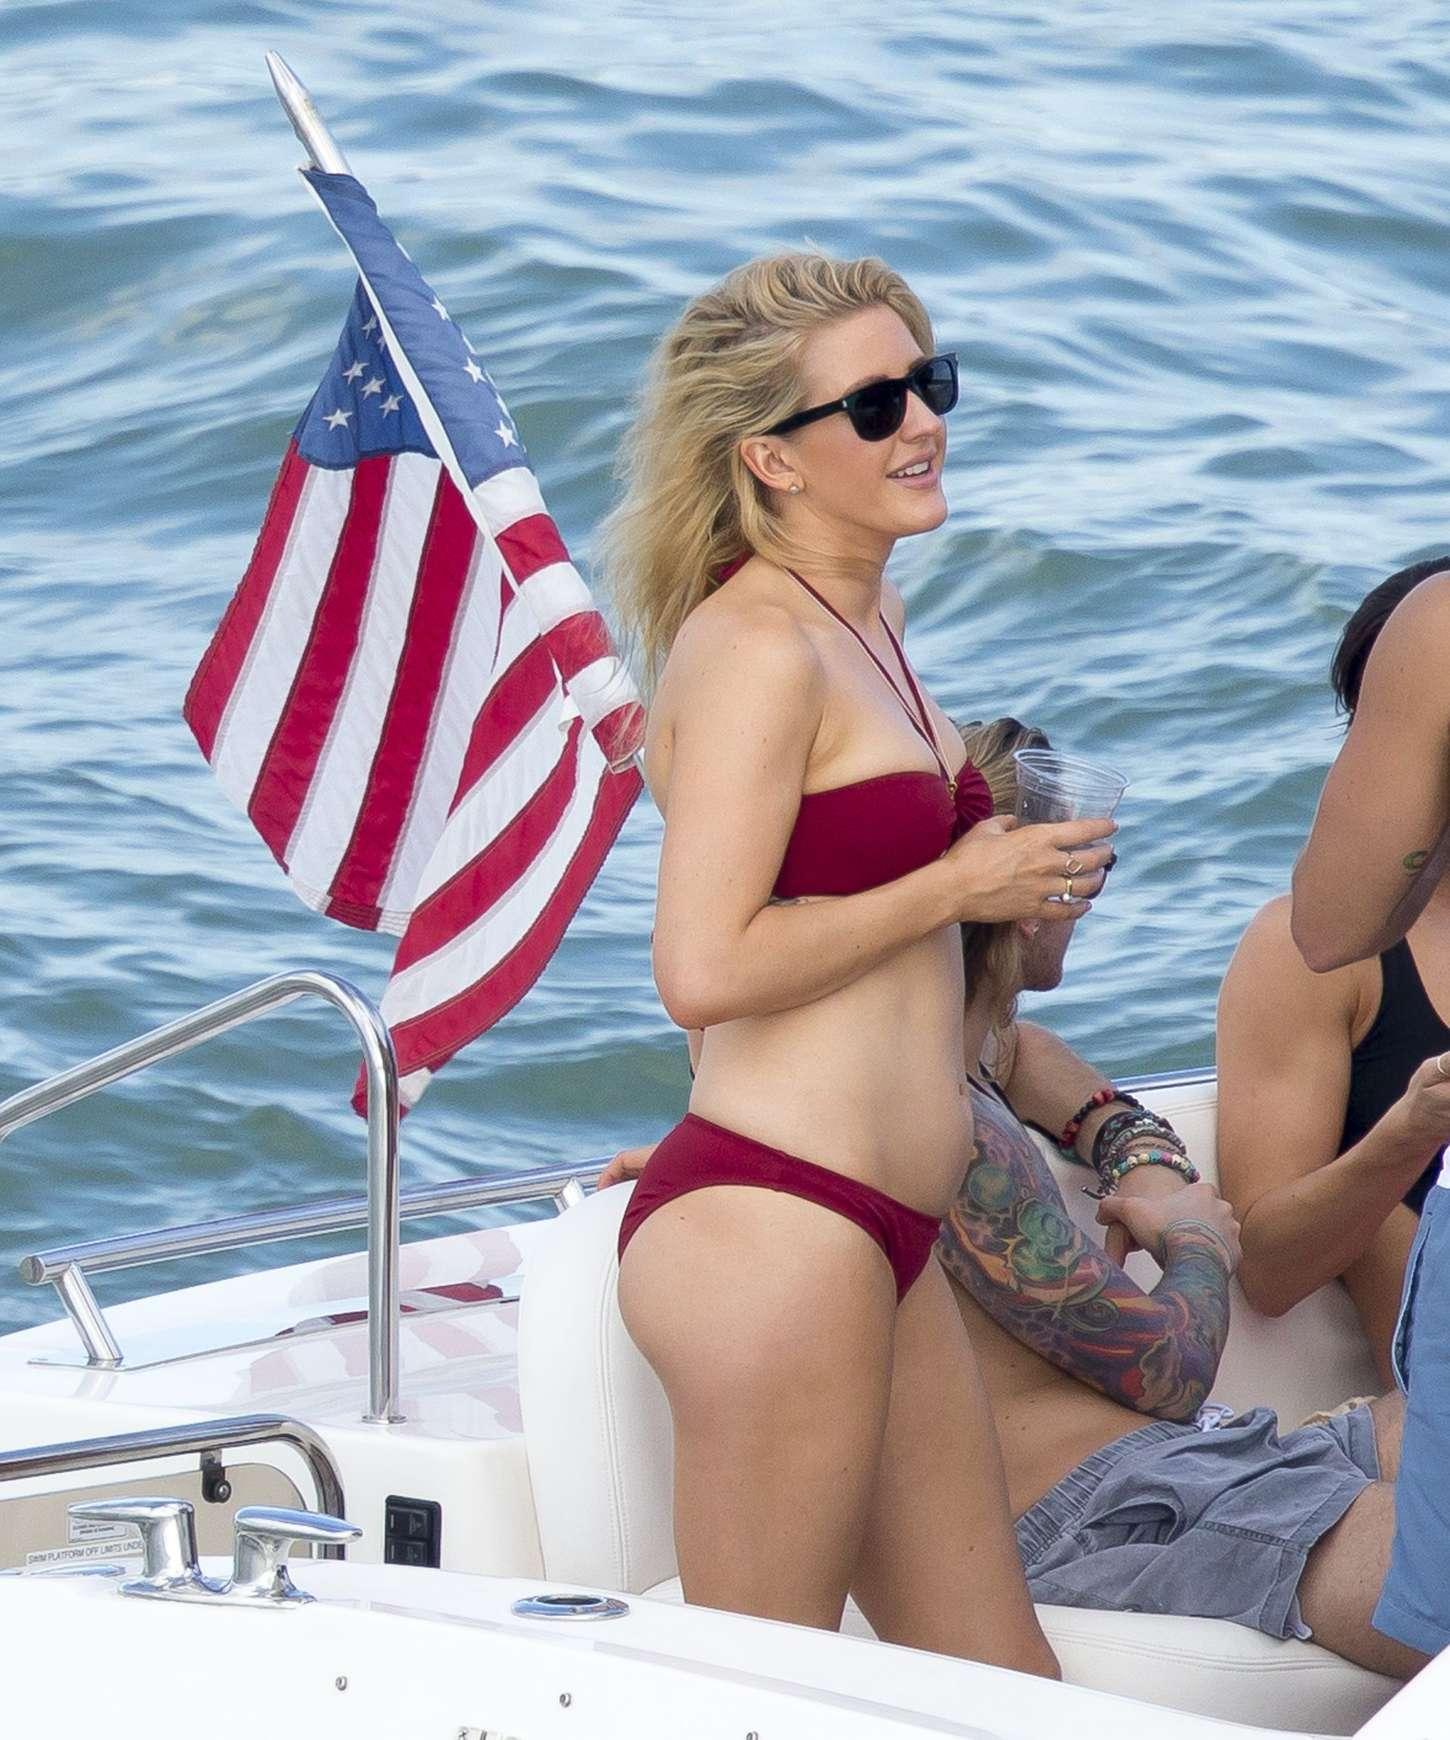 Ellie Goulding 2015 : Ellie Goulding in Red Bikini -01